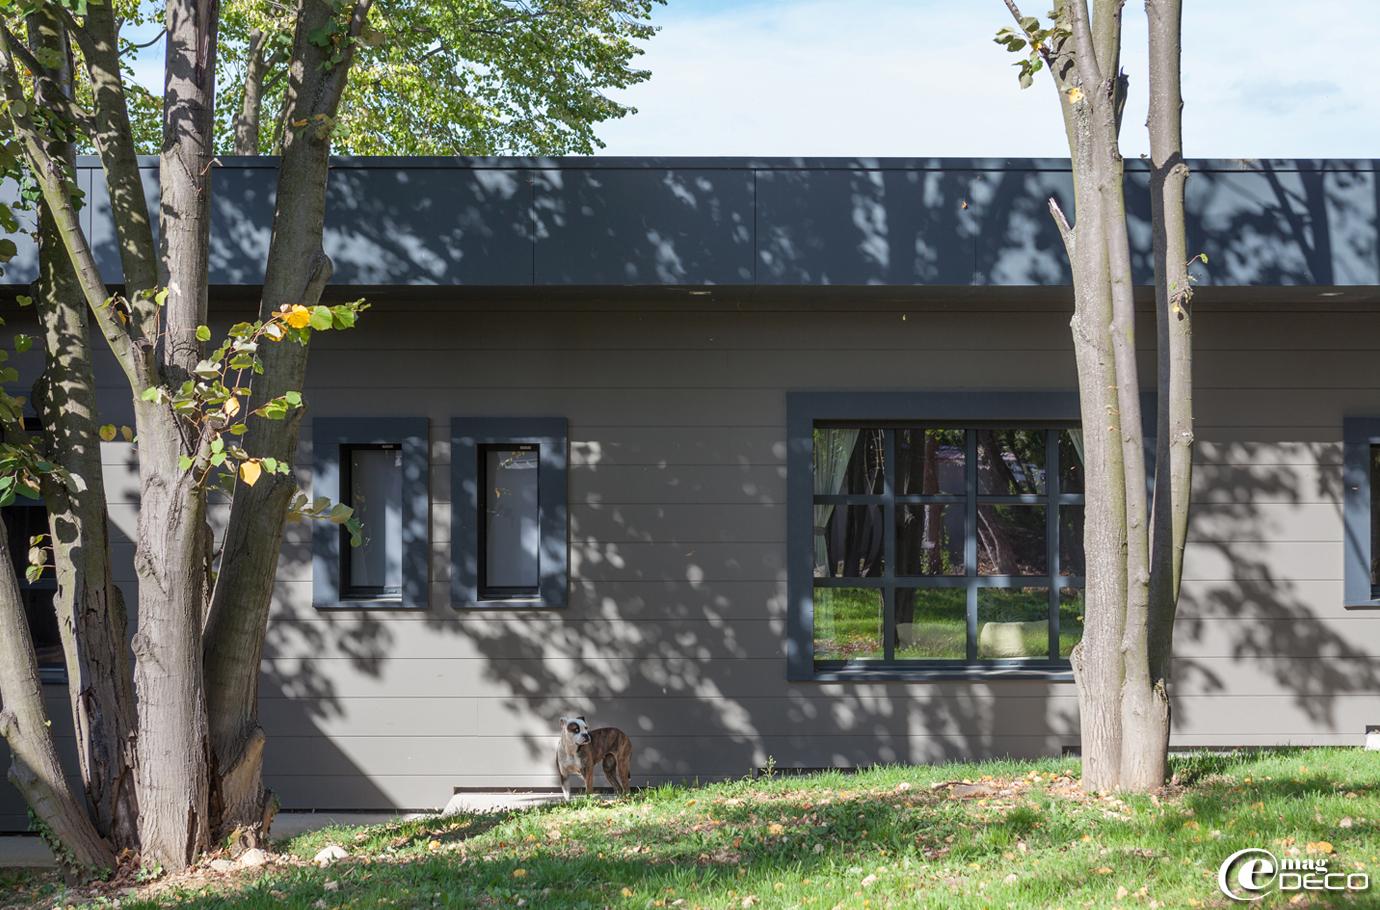 Maison contemporaine habillée de bois peint